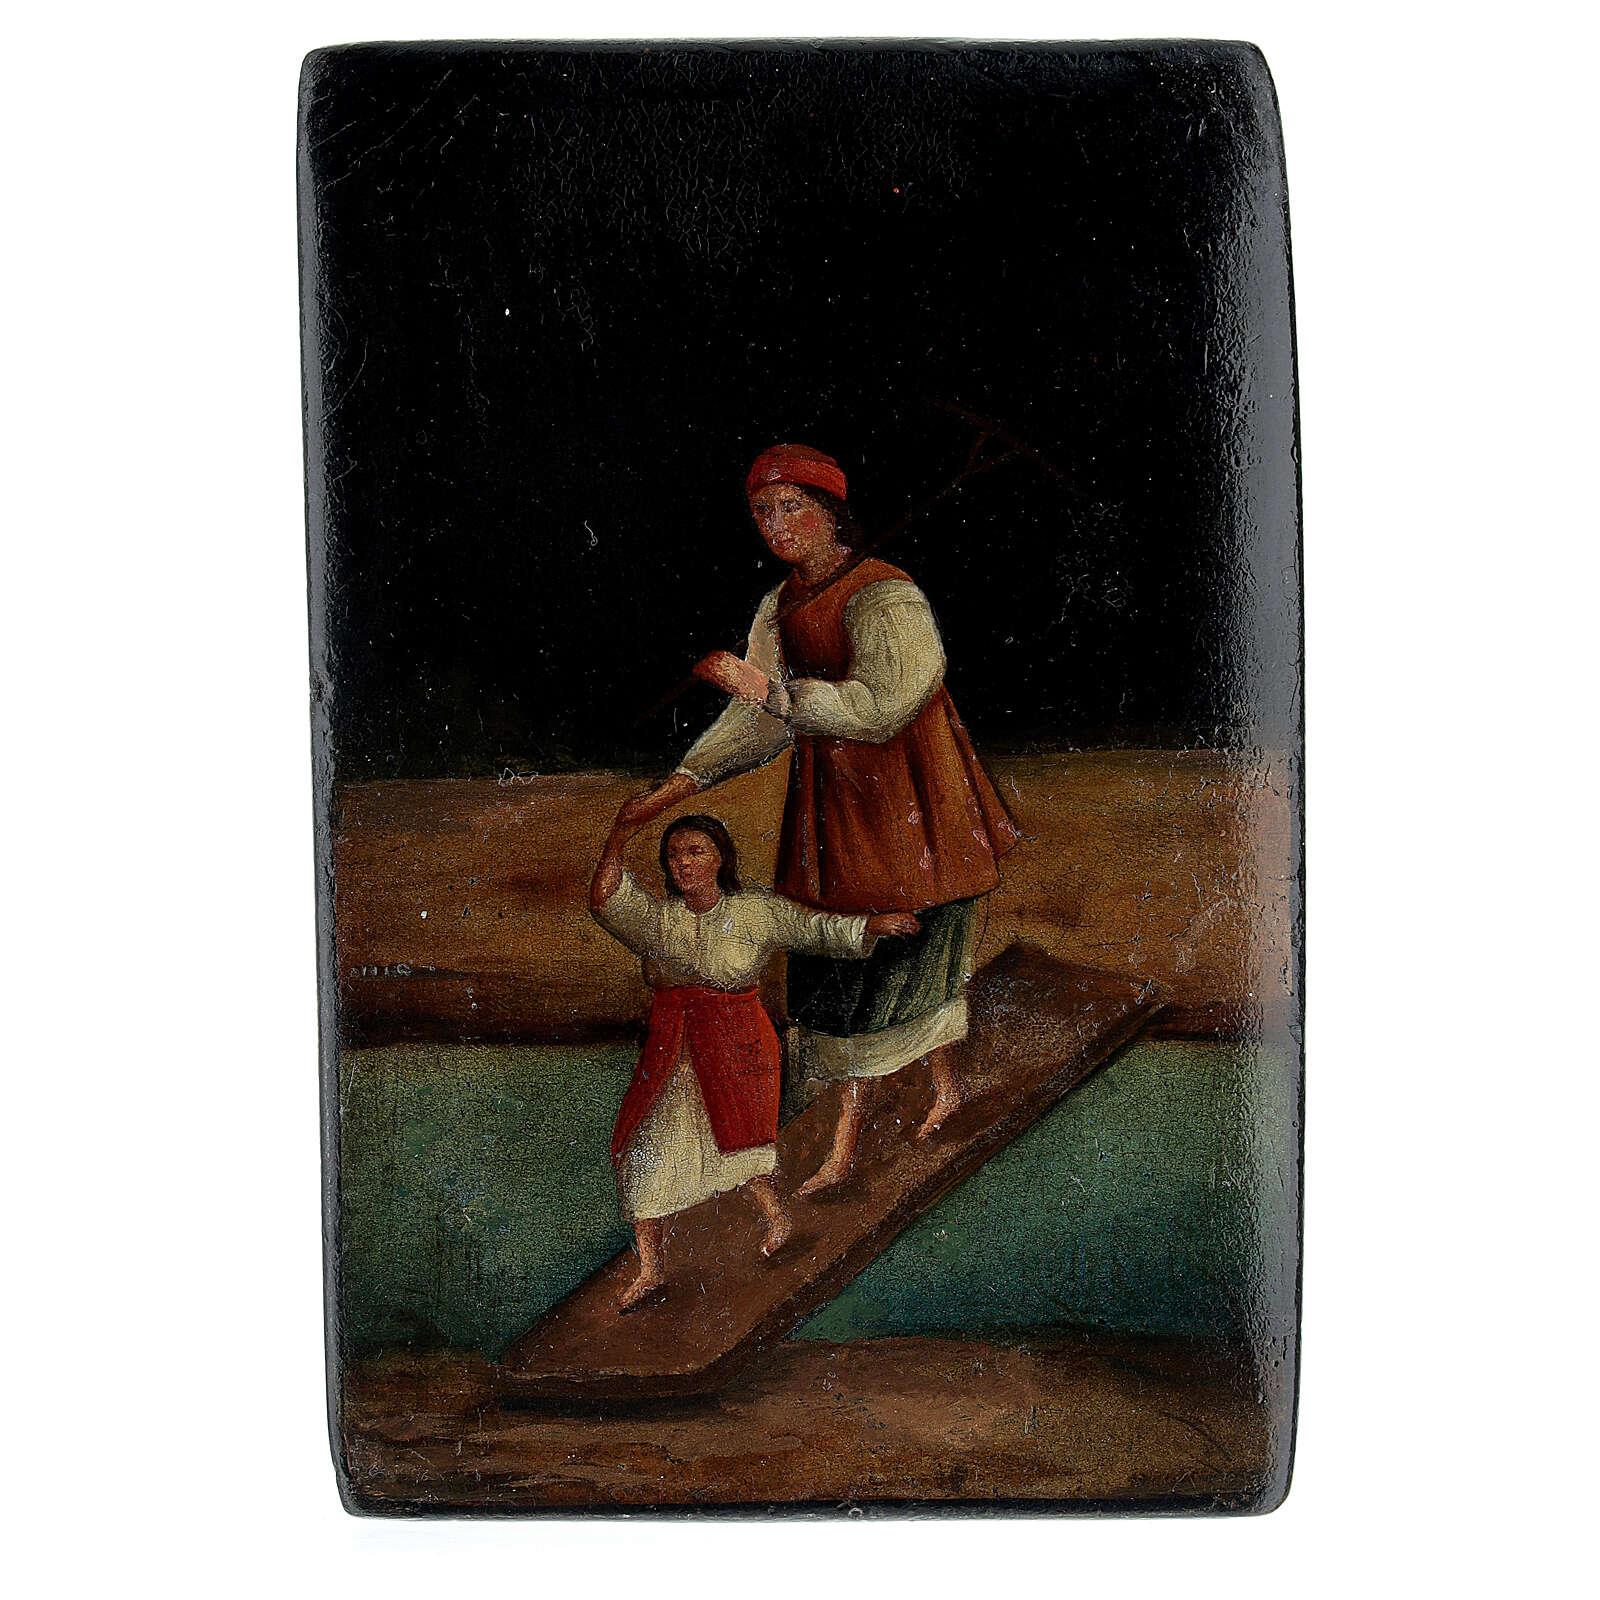 Scatola lacca russa antica Traversata del Fiume 5x10x15 cm 4